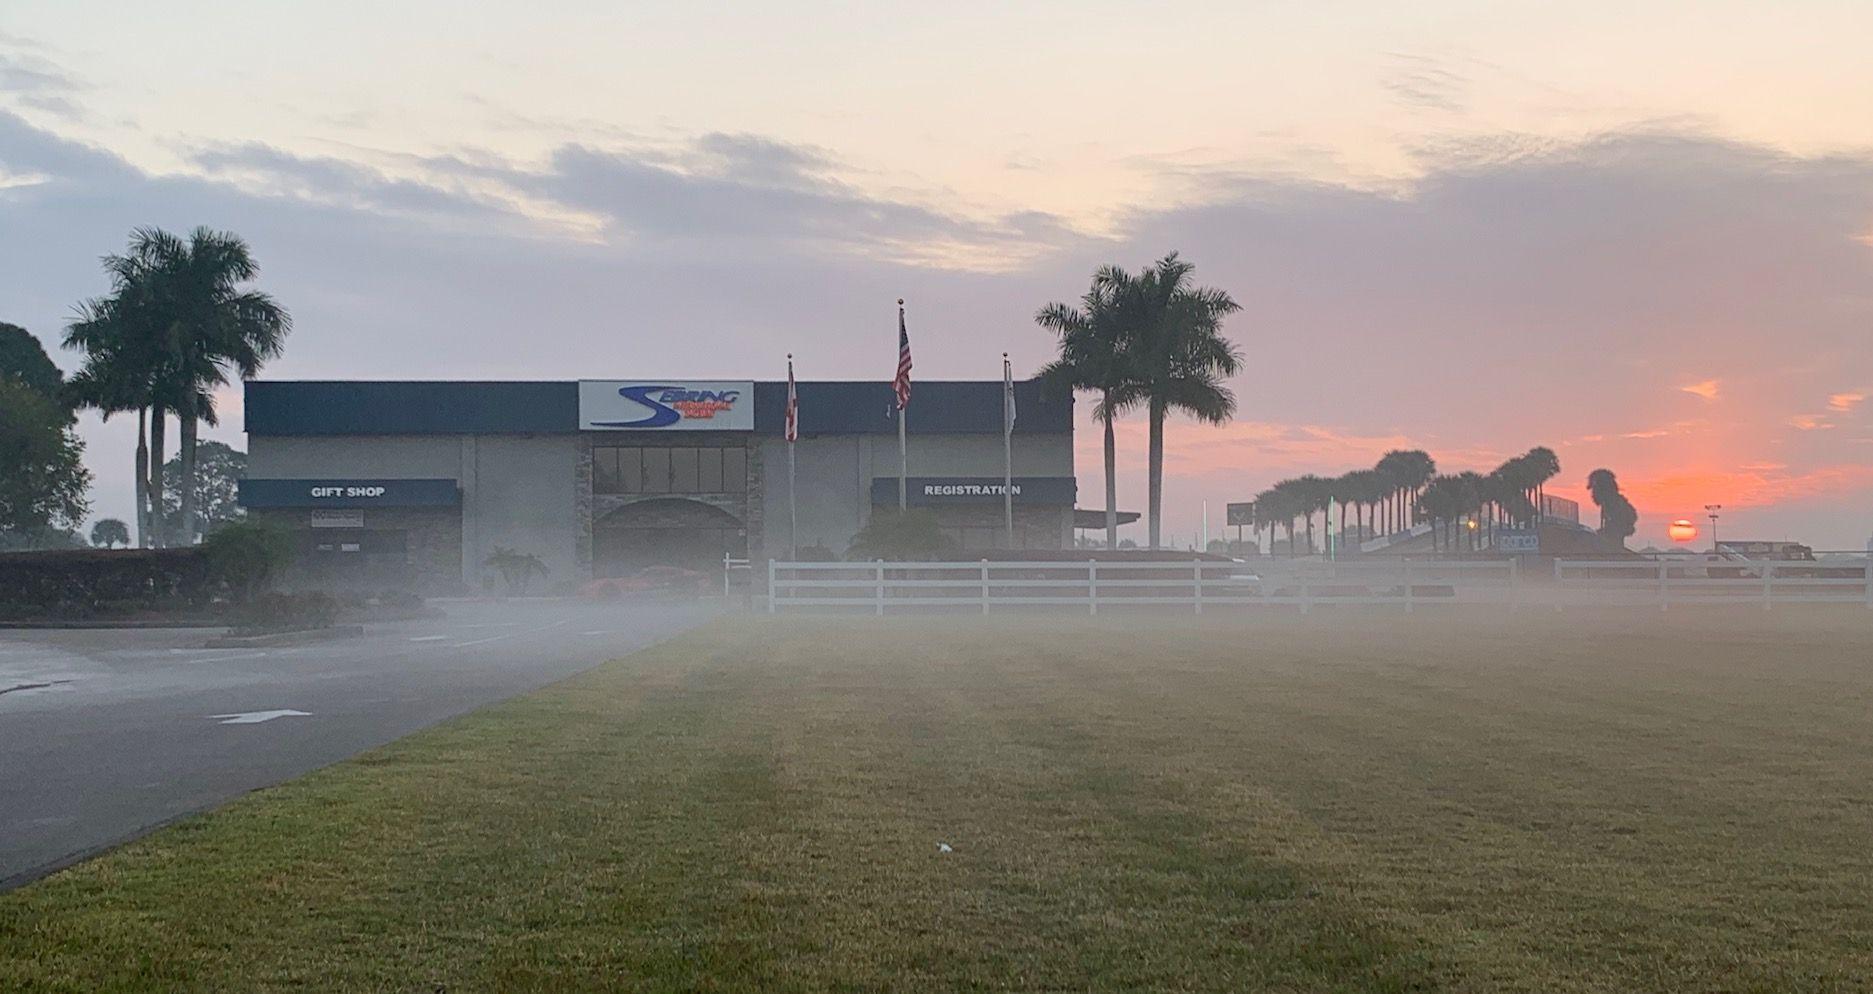 Sebring-image